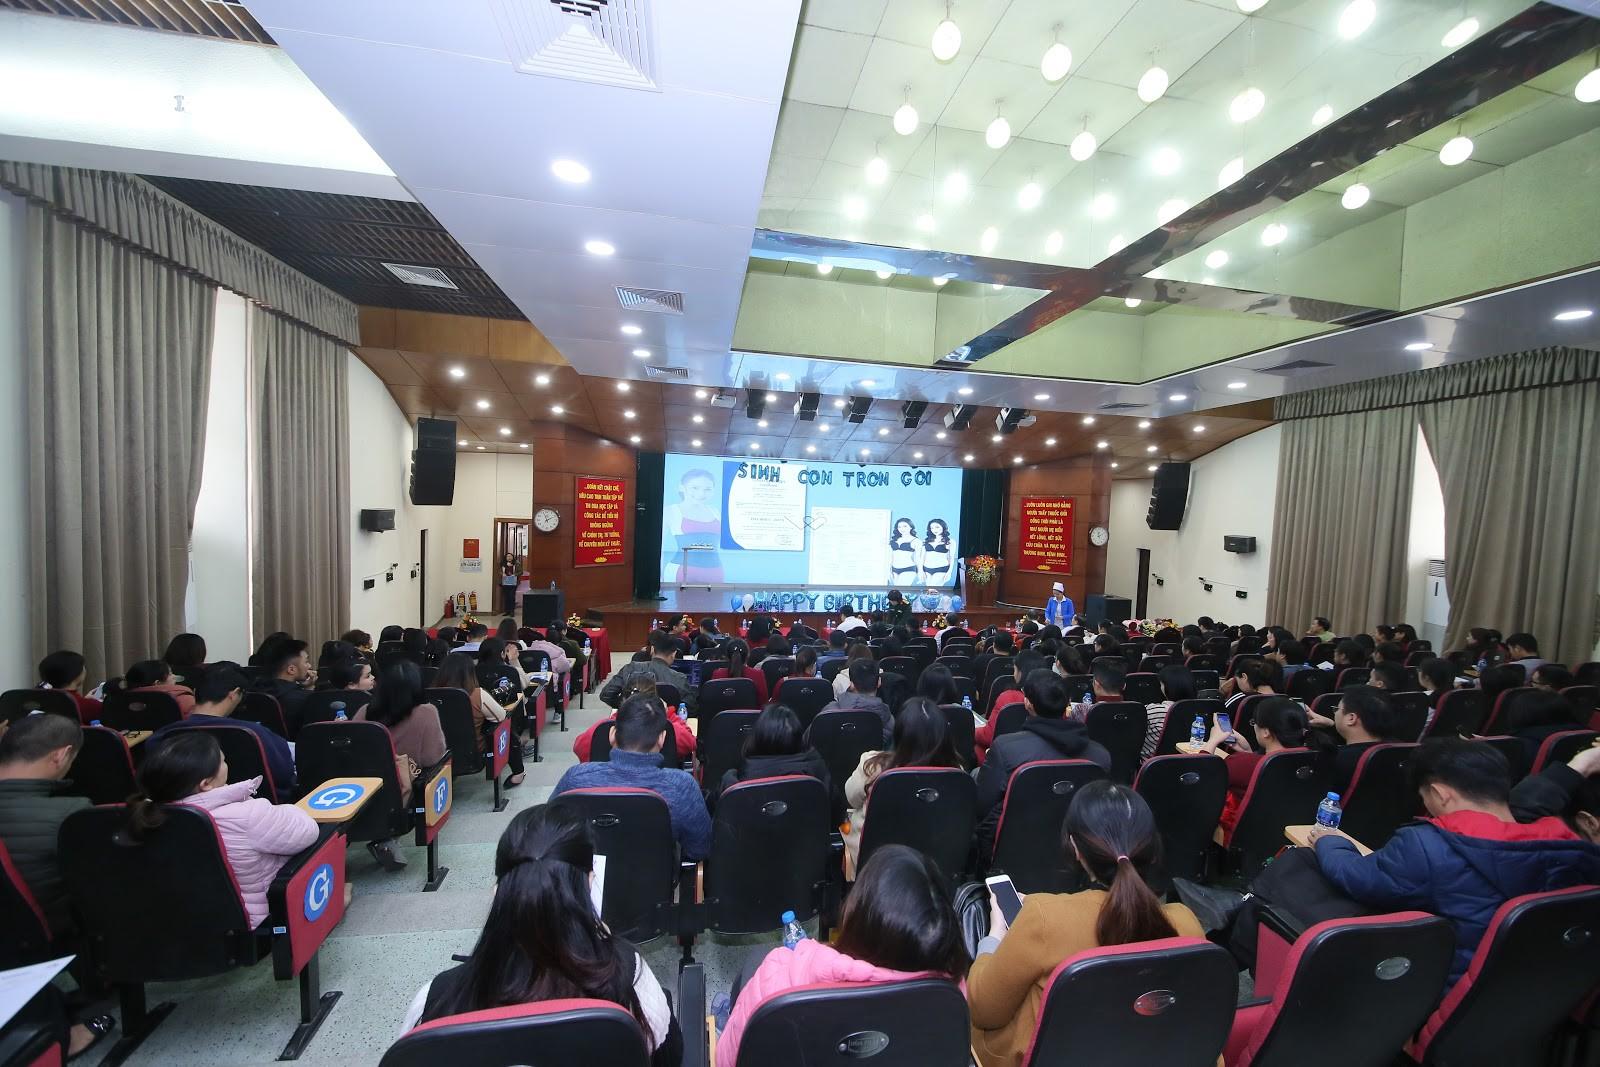 Latex giảm eo made in Việt Nam được giới thiệu hoành tráng tại hội nghị Bệnh viện TƯQĐ 108 - Ảnh 6.